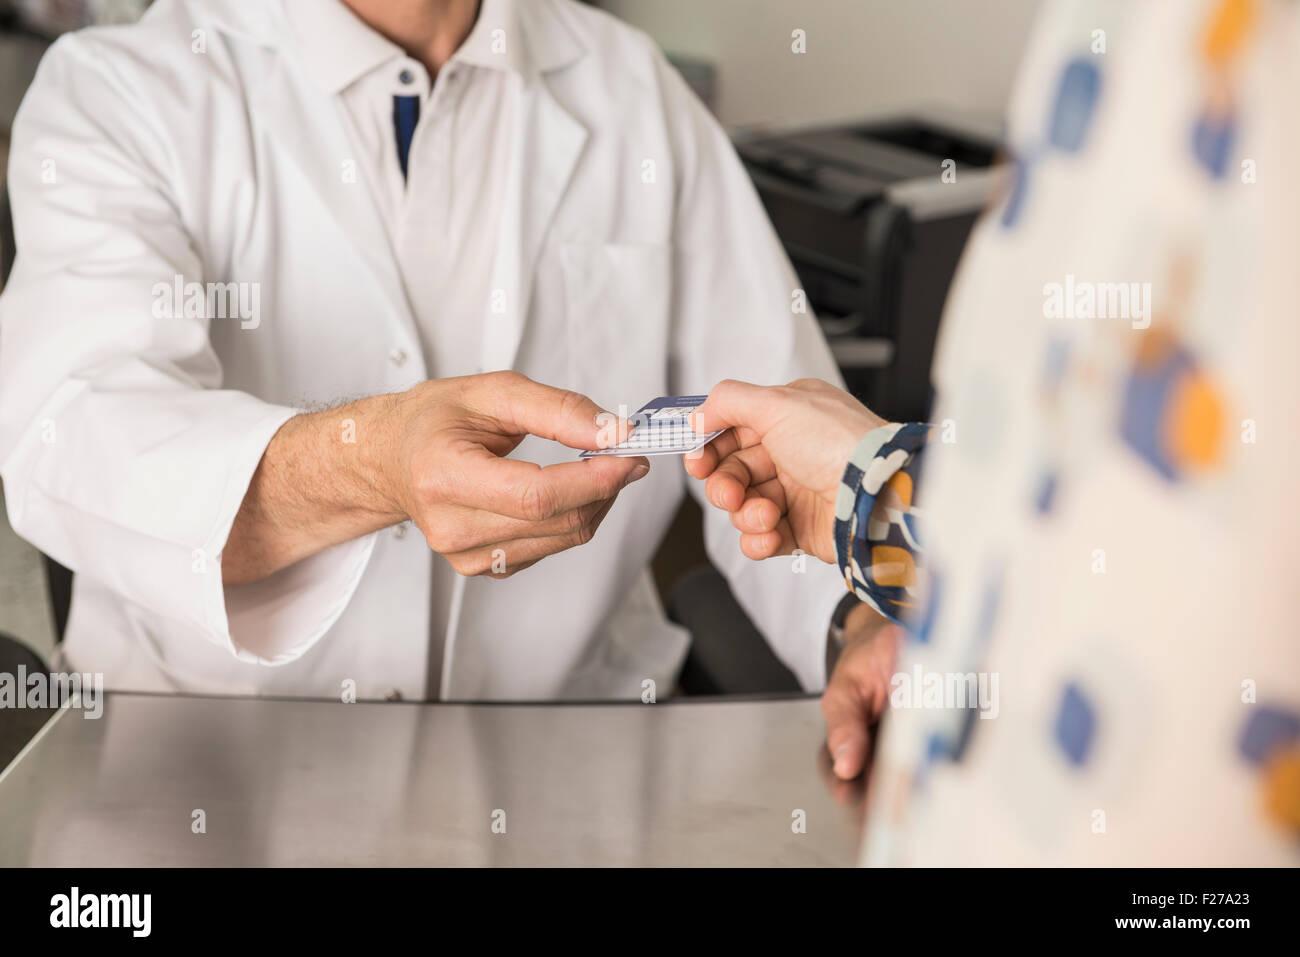 Patienten geben eine Krankenversicherungskarte zum Arzt, München, Bayern, Deutschland Stockbild